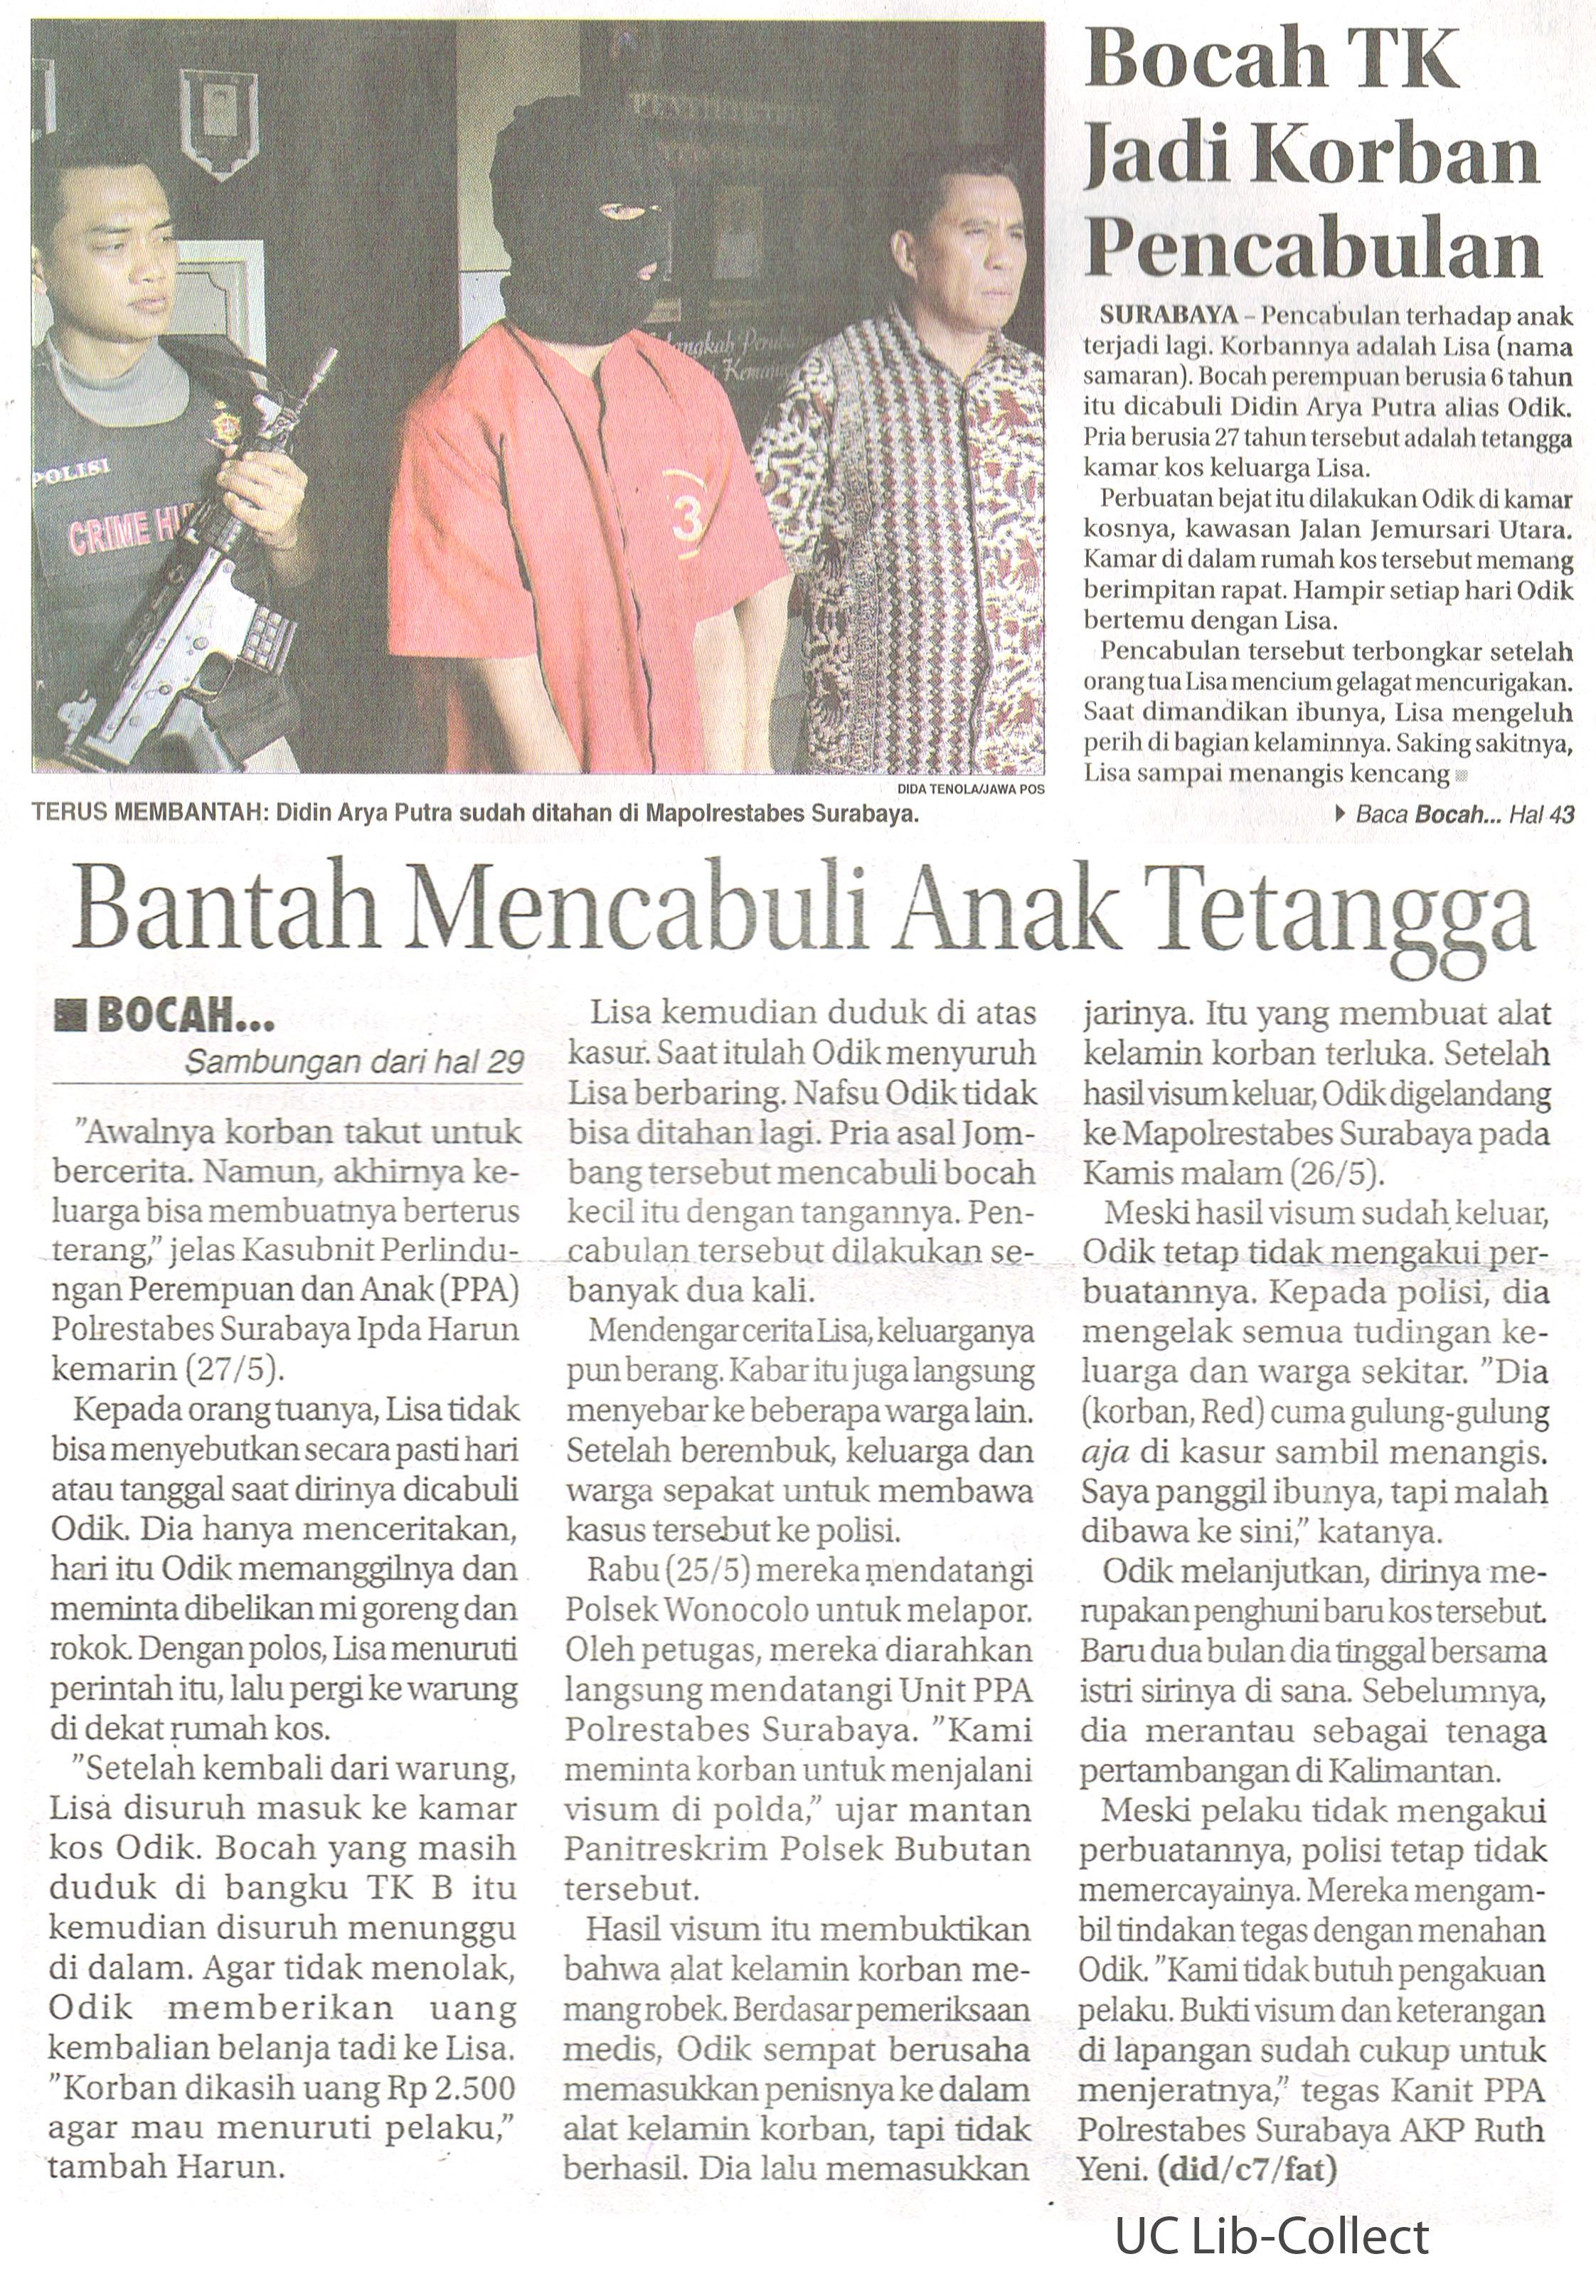 Bocah TK Jadi Korban Pencabulan. Jawa Pos.28 Mei 2016.Hal.29,43